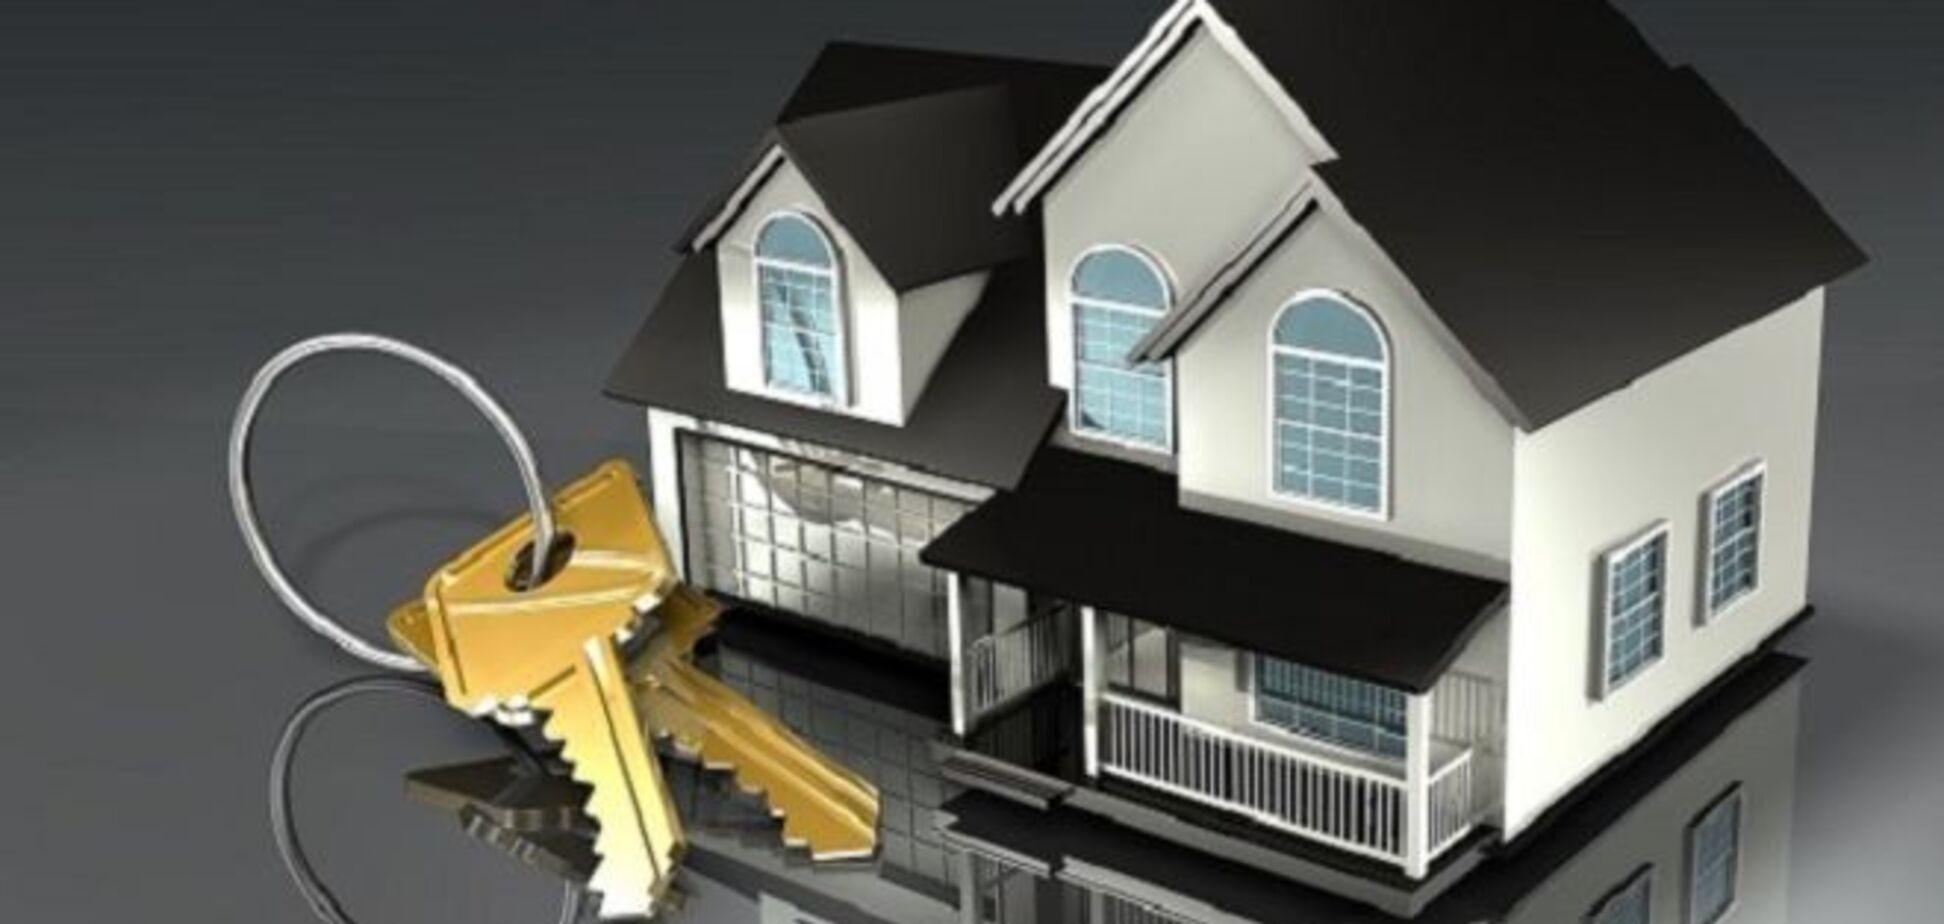 Банки вынуждены продавать залоговую недвижимость со скидкой 80%